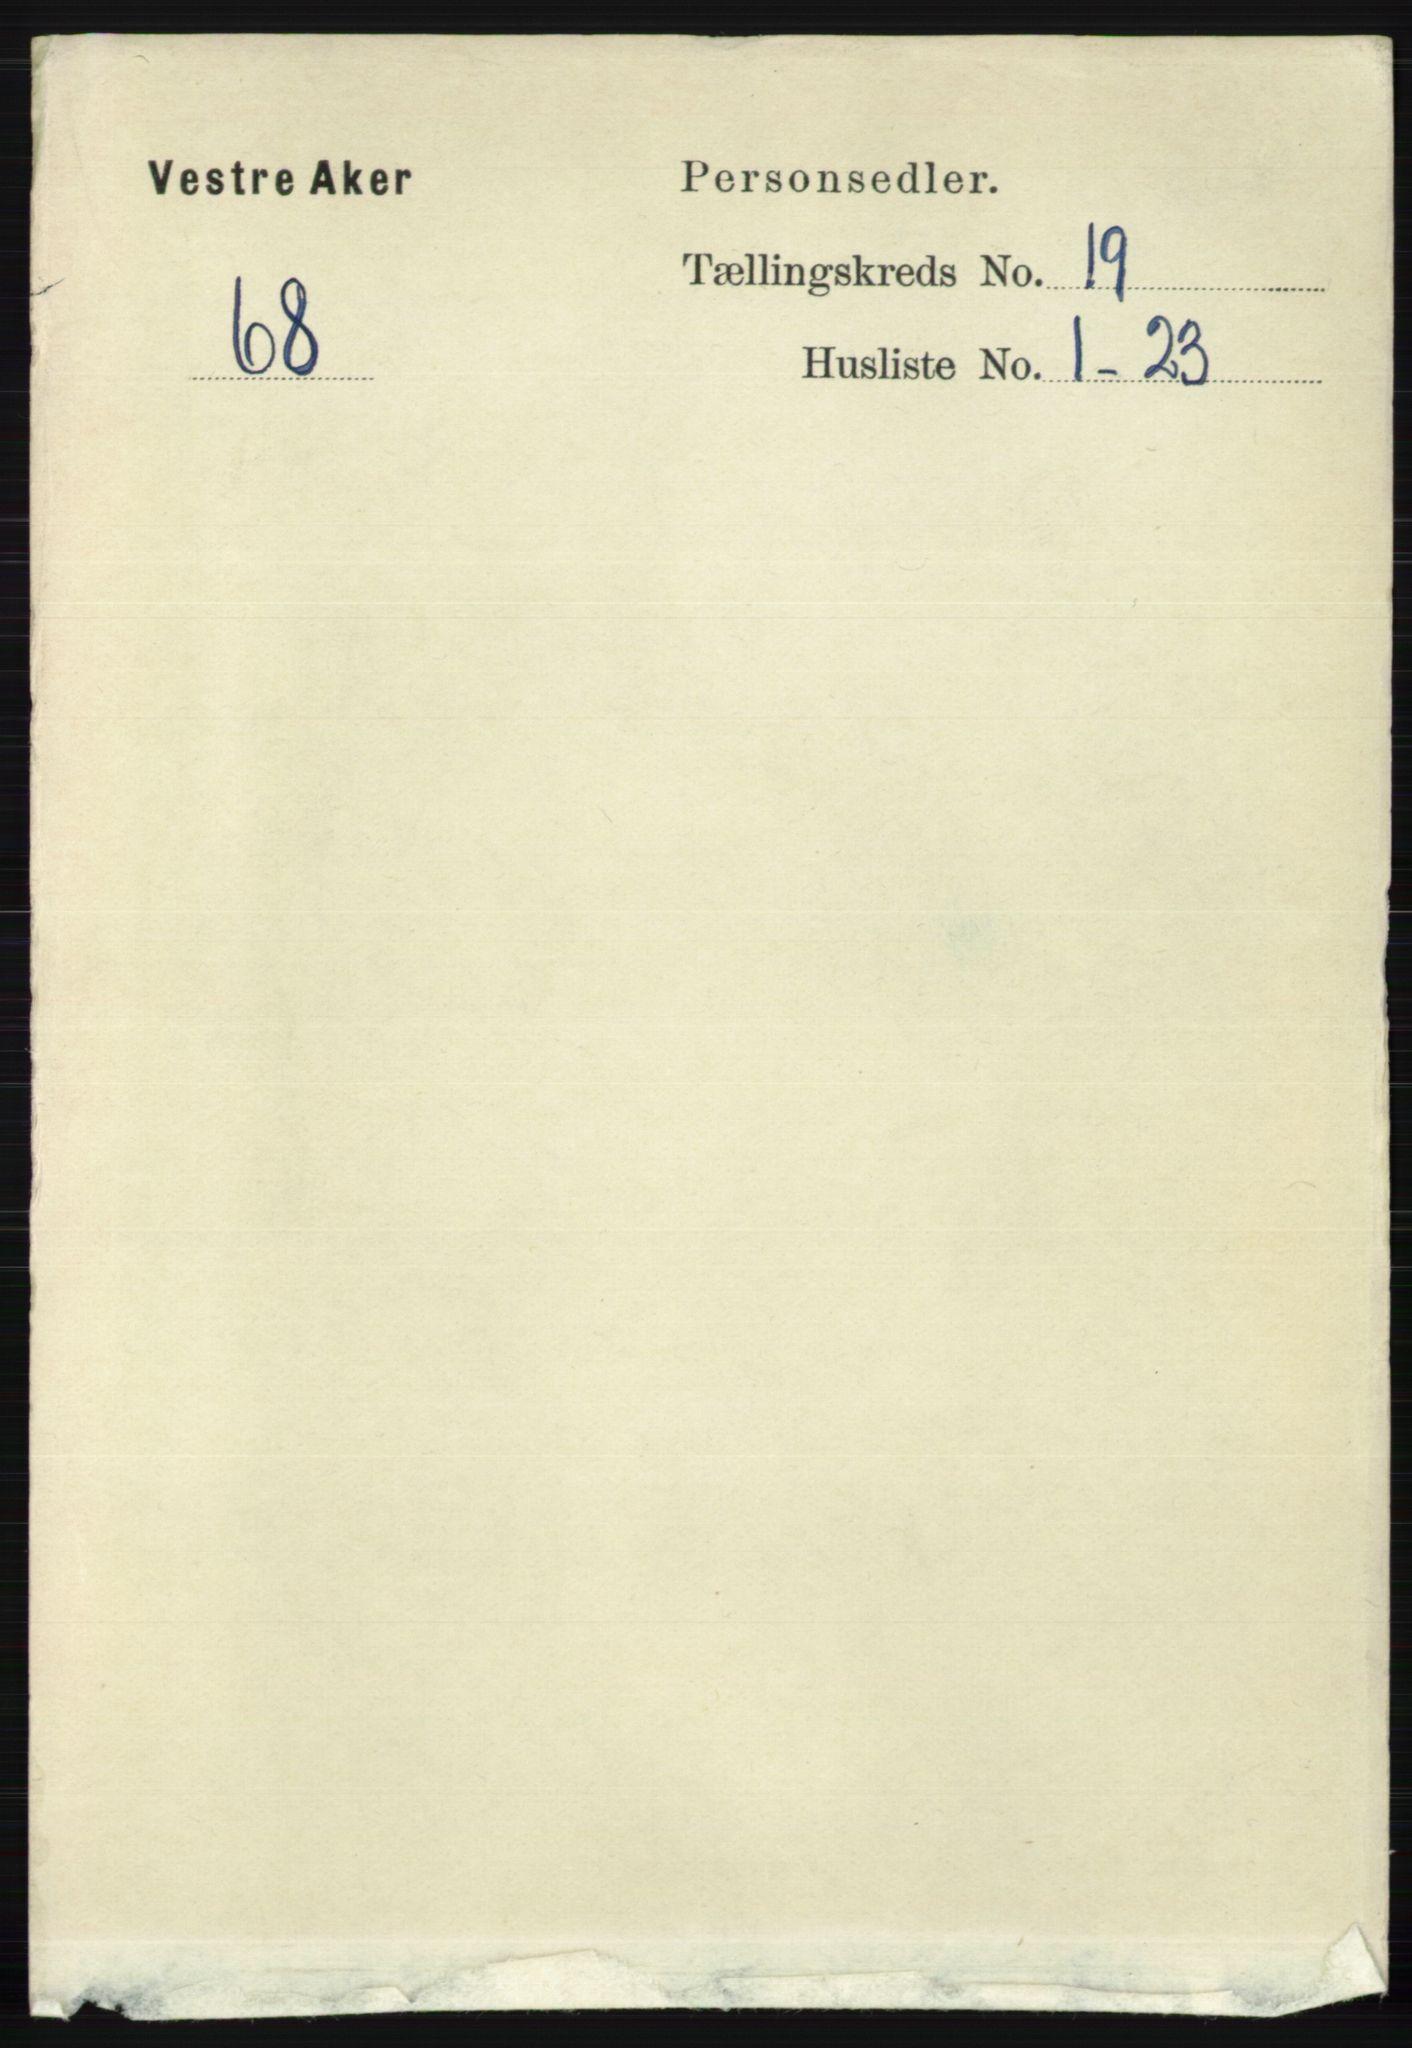 RA, Folketelling 1891 for 0218 Aker herred, 1891, s. 17766